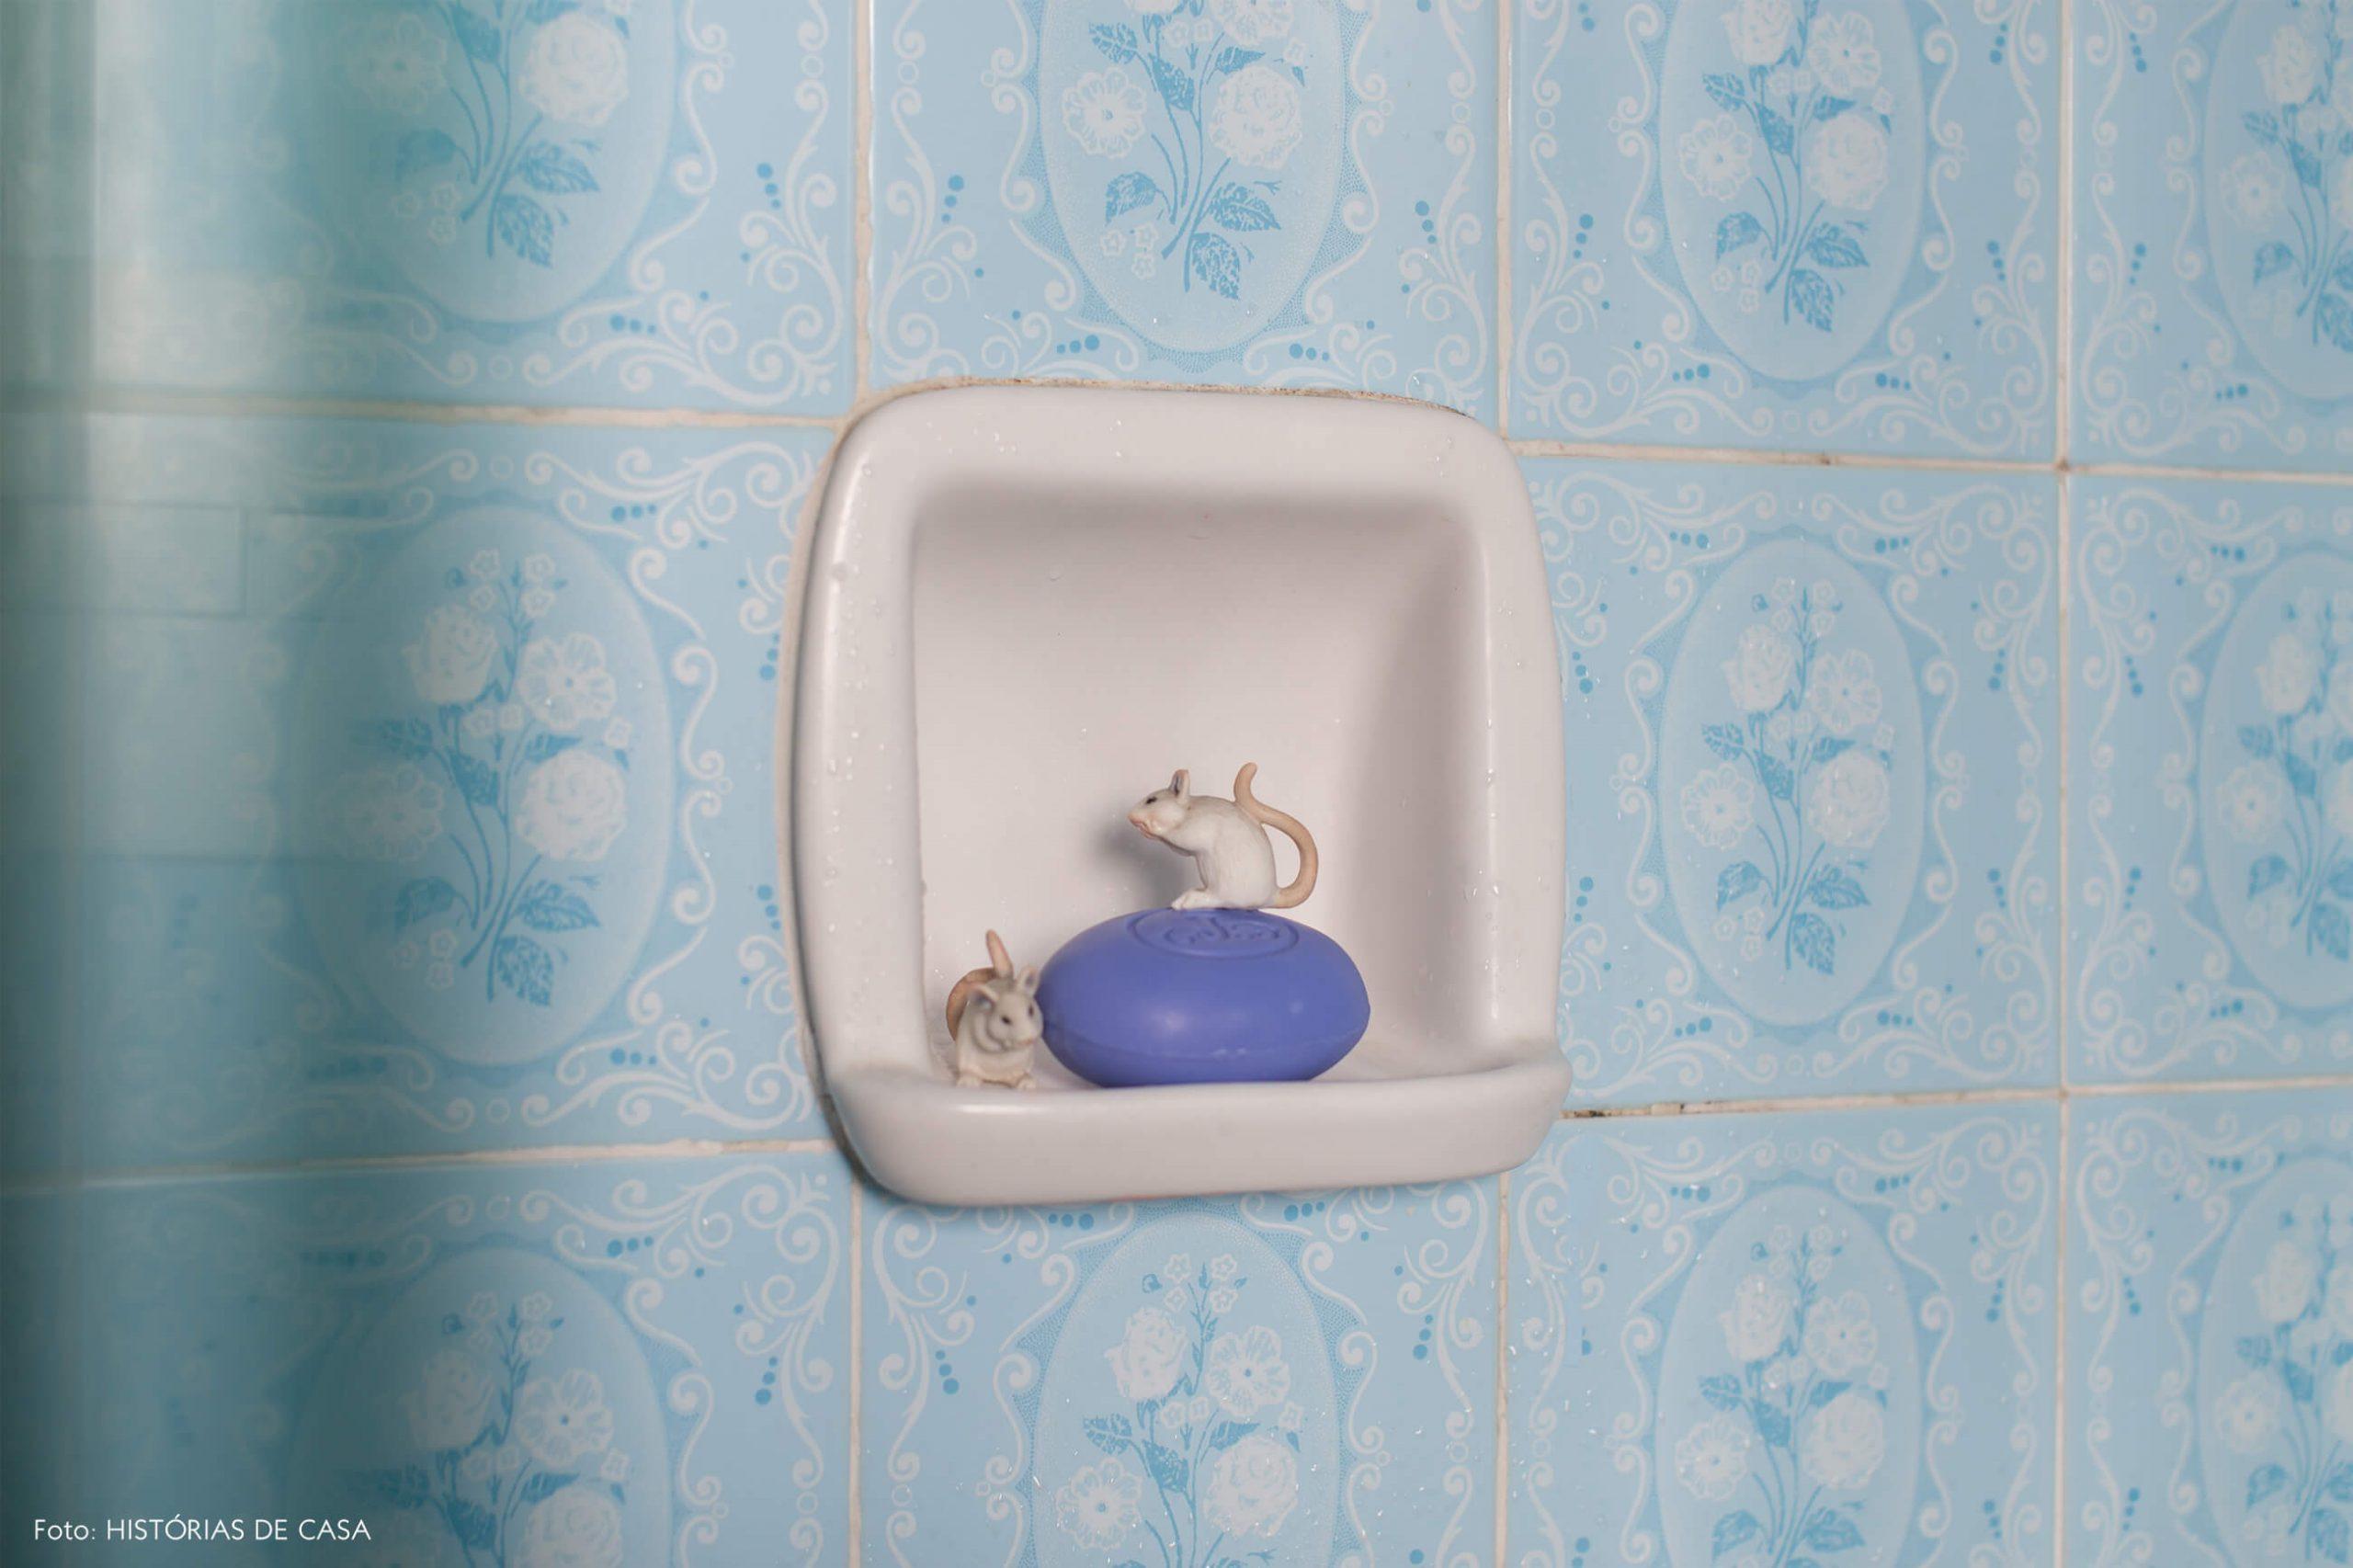 detalhes-brinquedos-em-banheiro